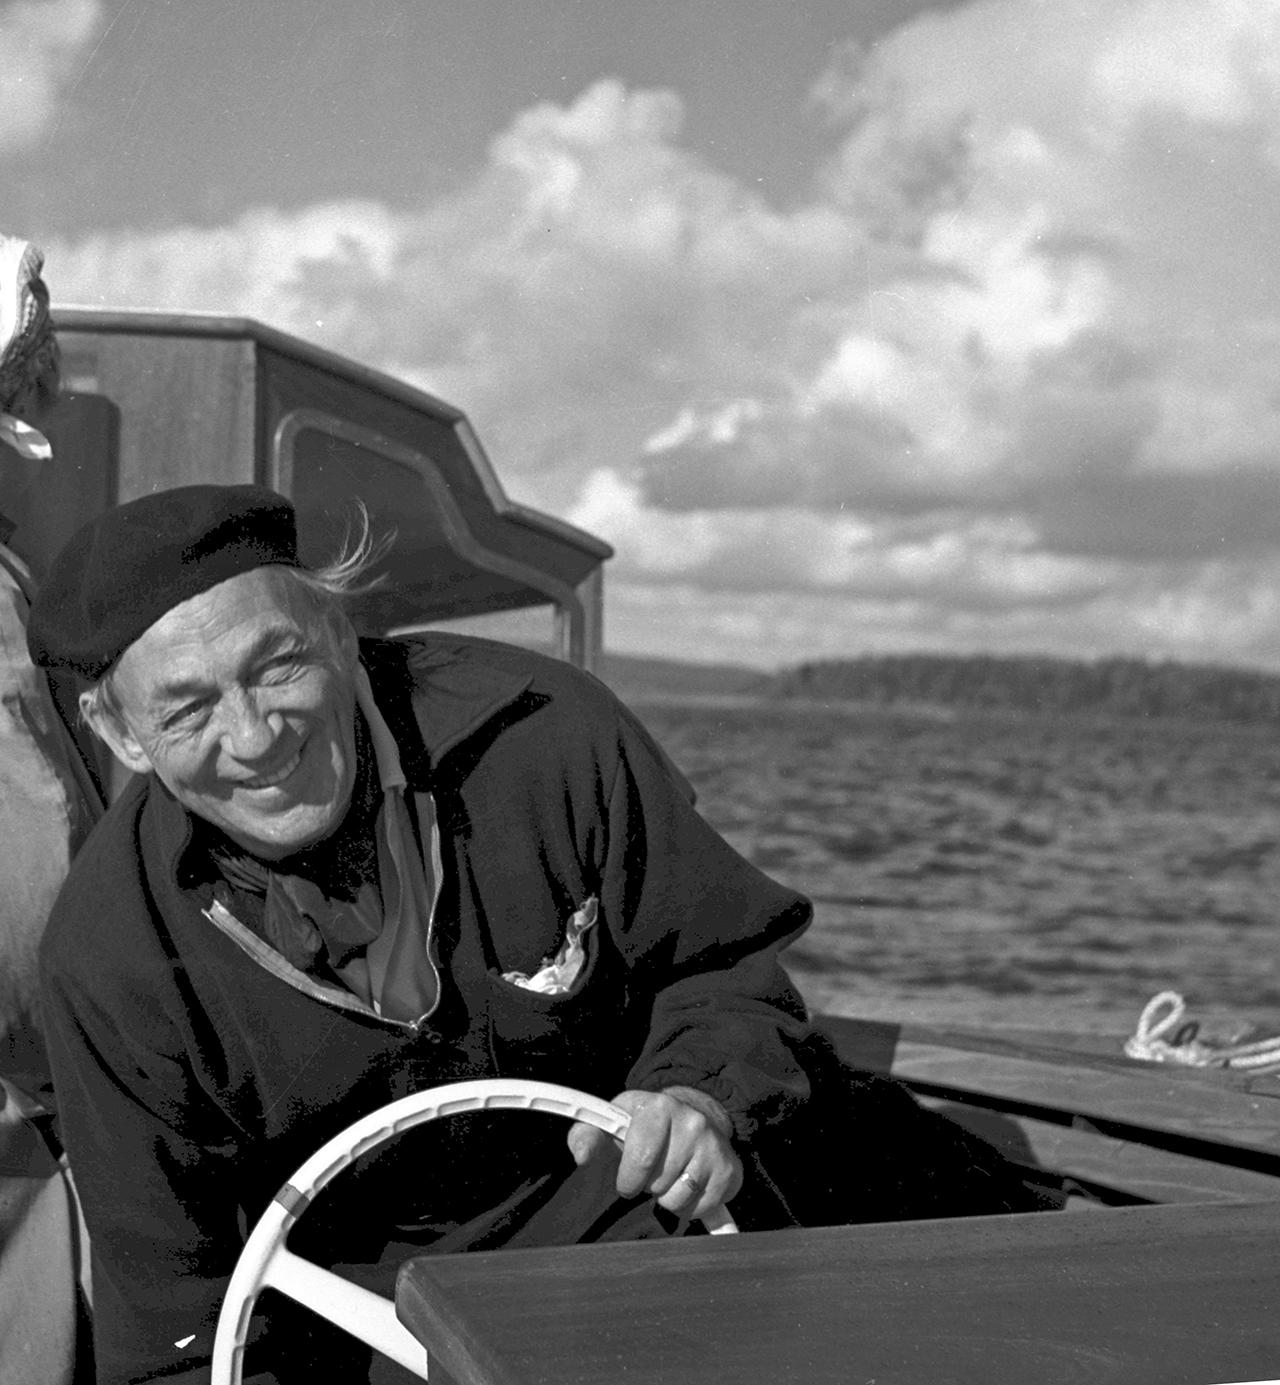 Aalto en su yate Nemo Propheta, 1960s © Schildt Foundation, fotografía ñor Göran Schildt